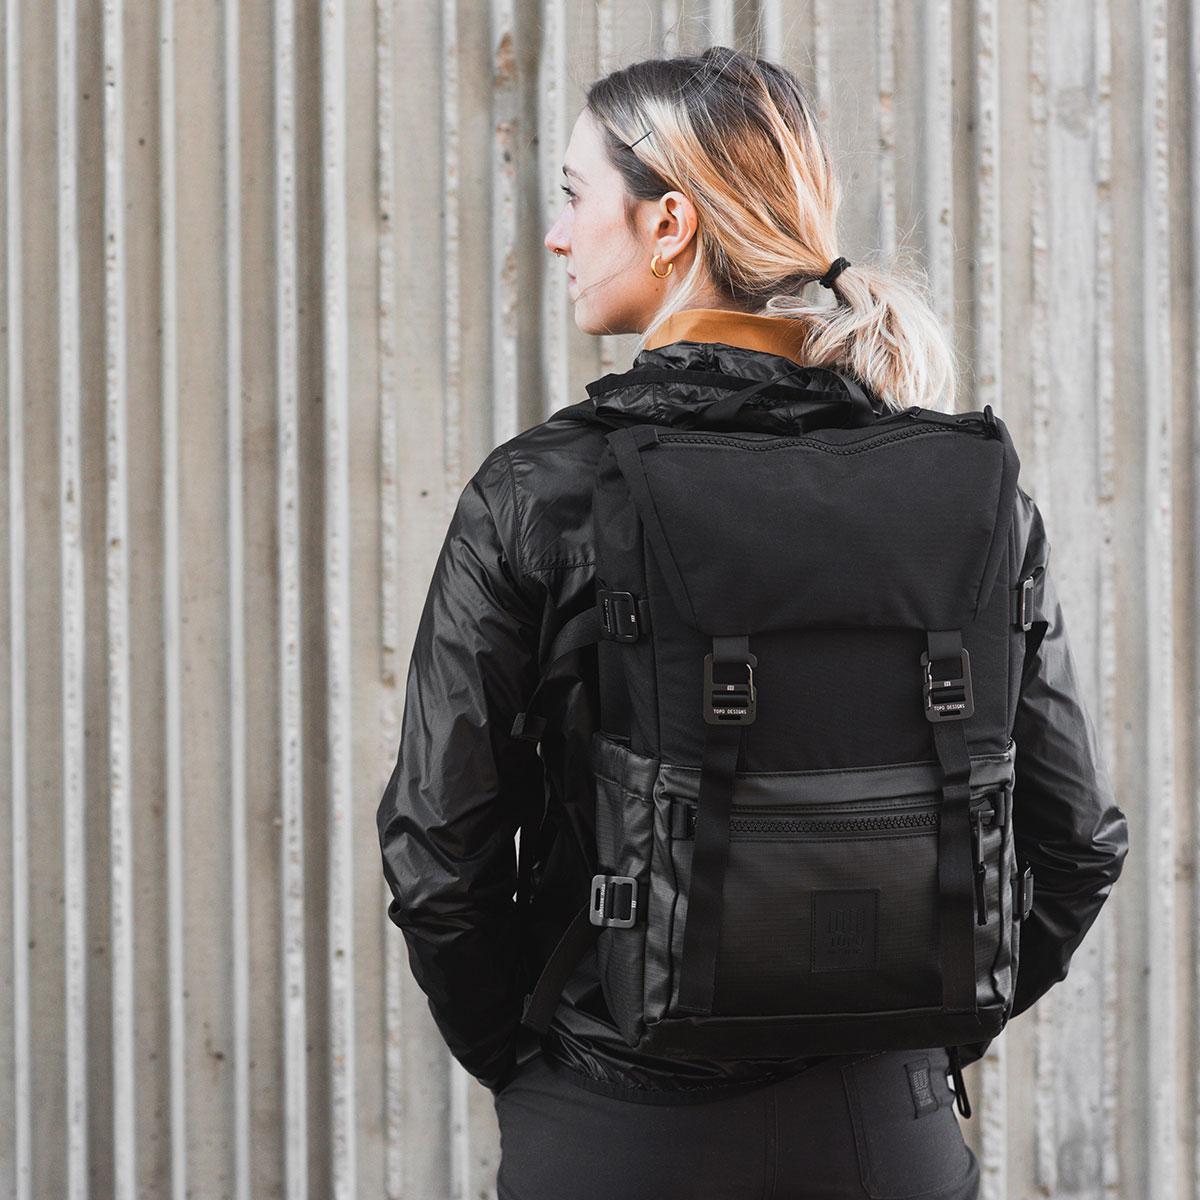 Topo Designs Rover Pack Premium Black, de ultieme rugzak voor dagelijks gebruik